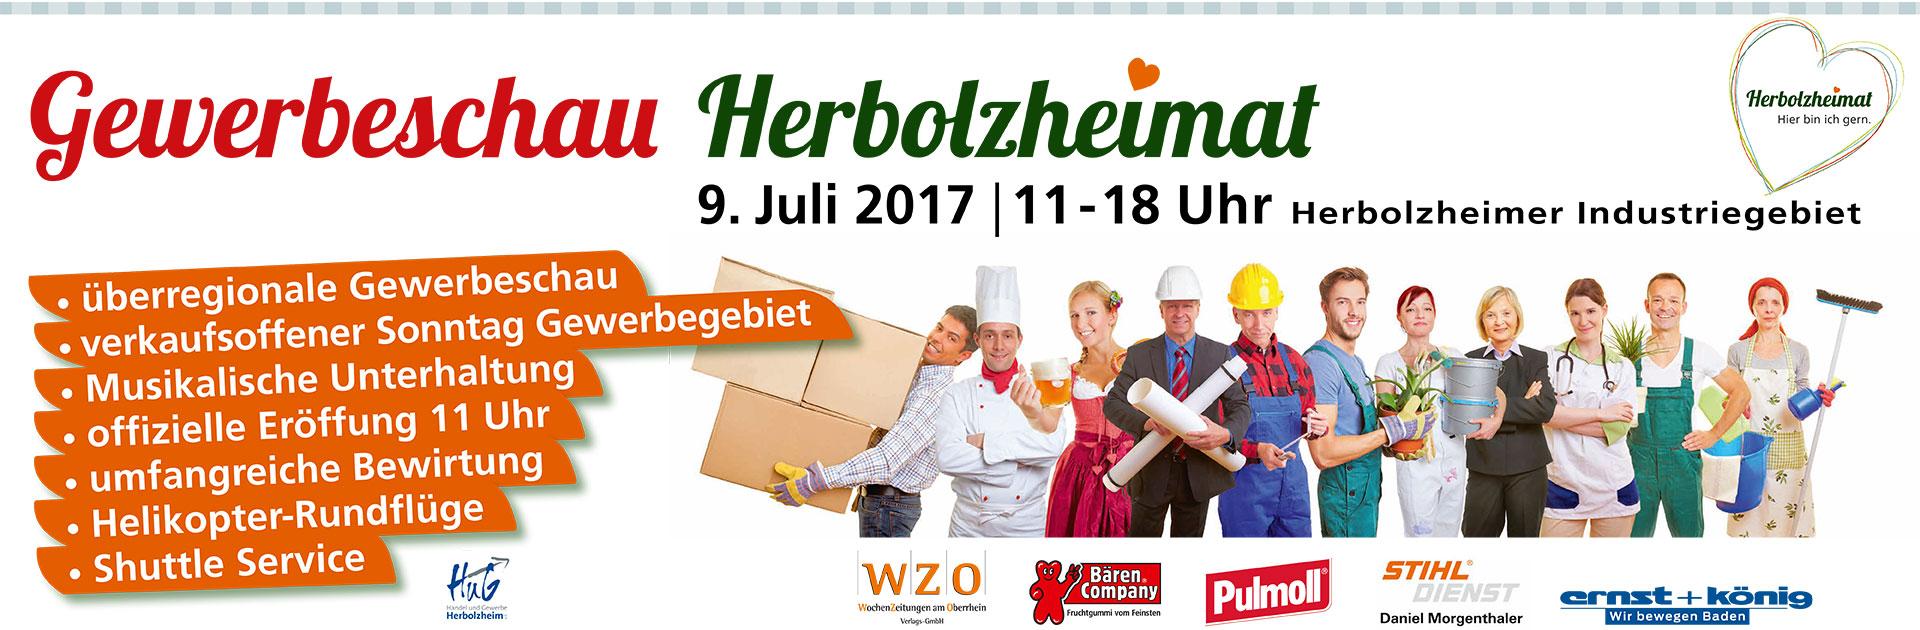 HU1717_Gewerbeschau_Homepagebanner_1920x636_V1